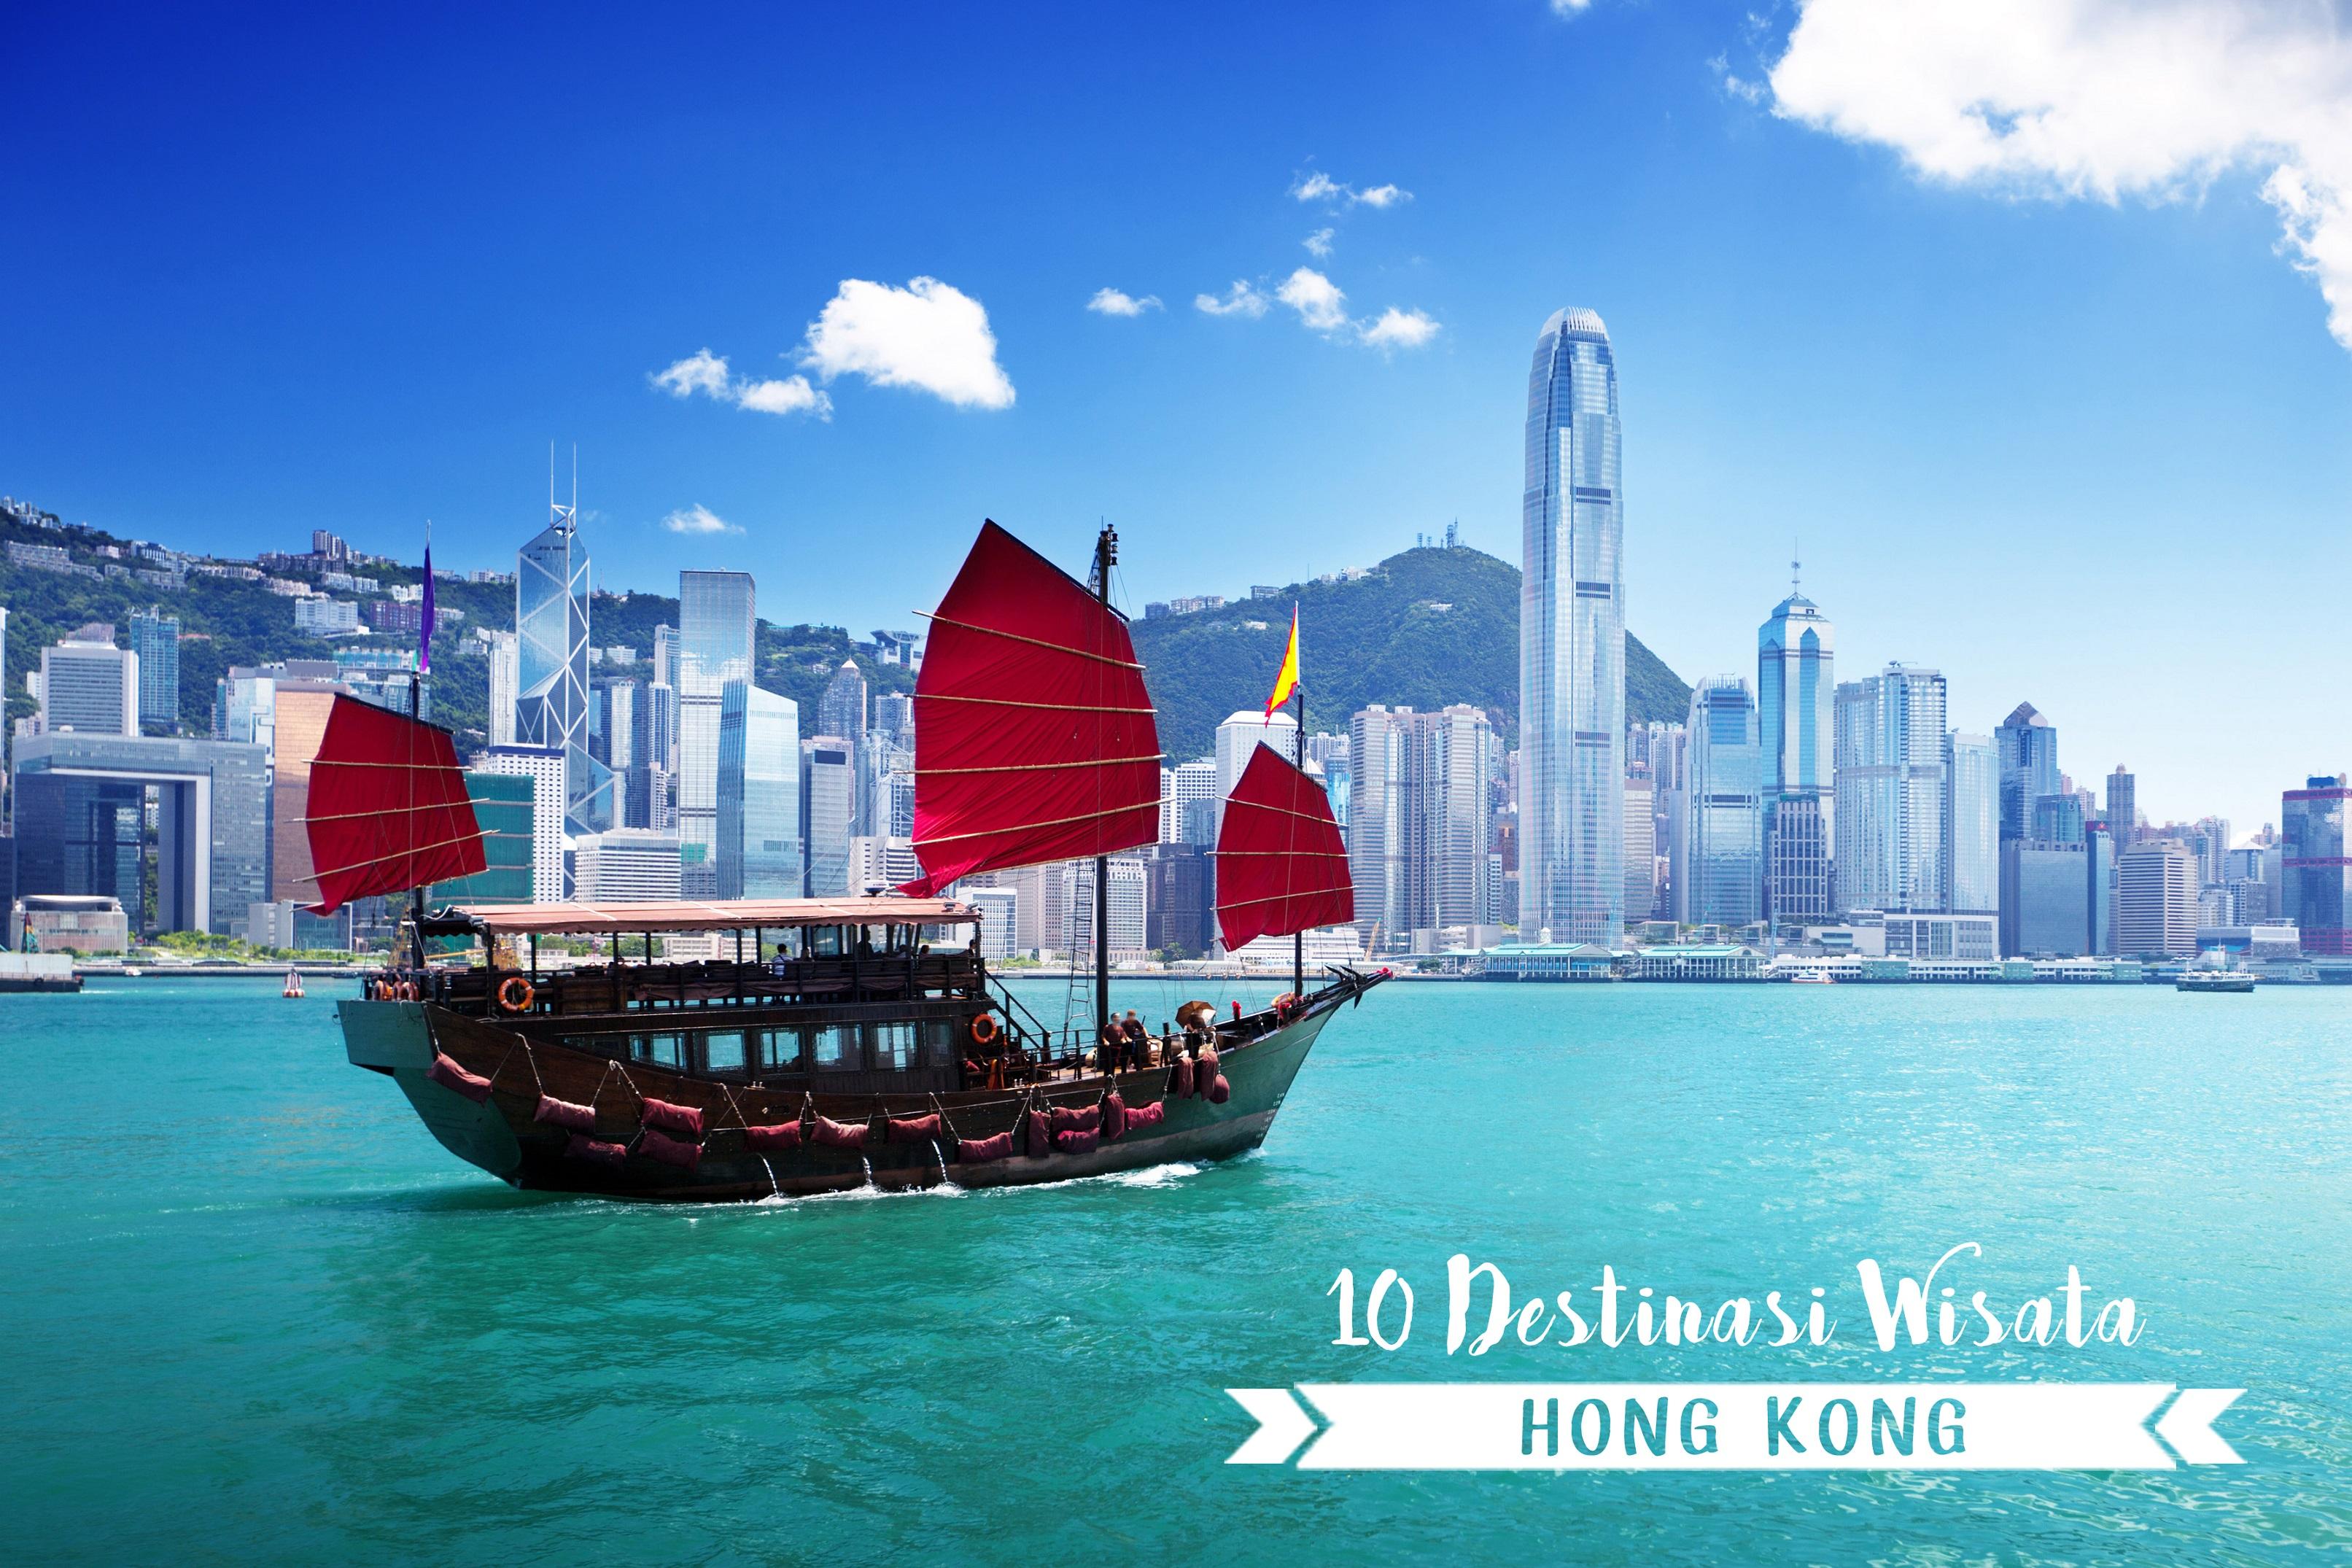 tempat wisata di Hong Kong